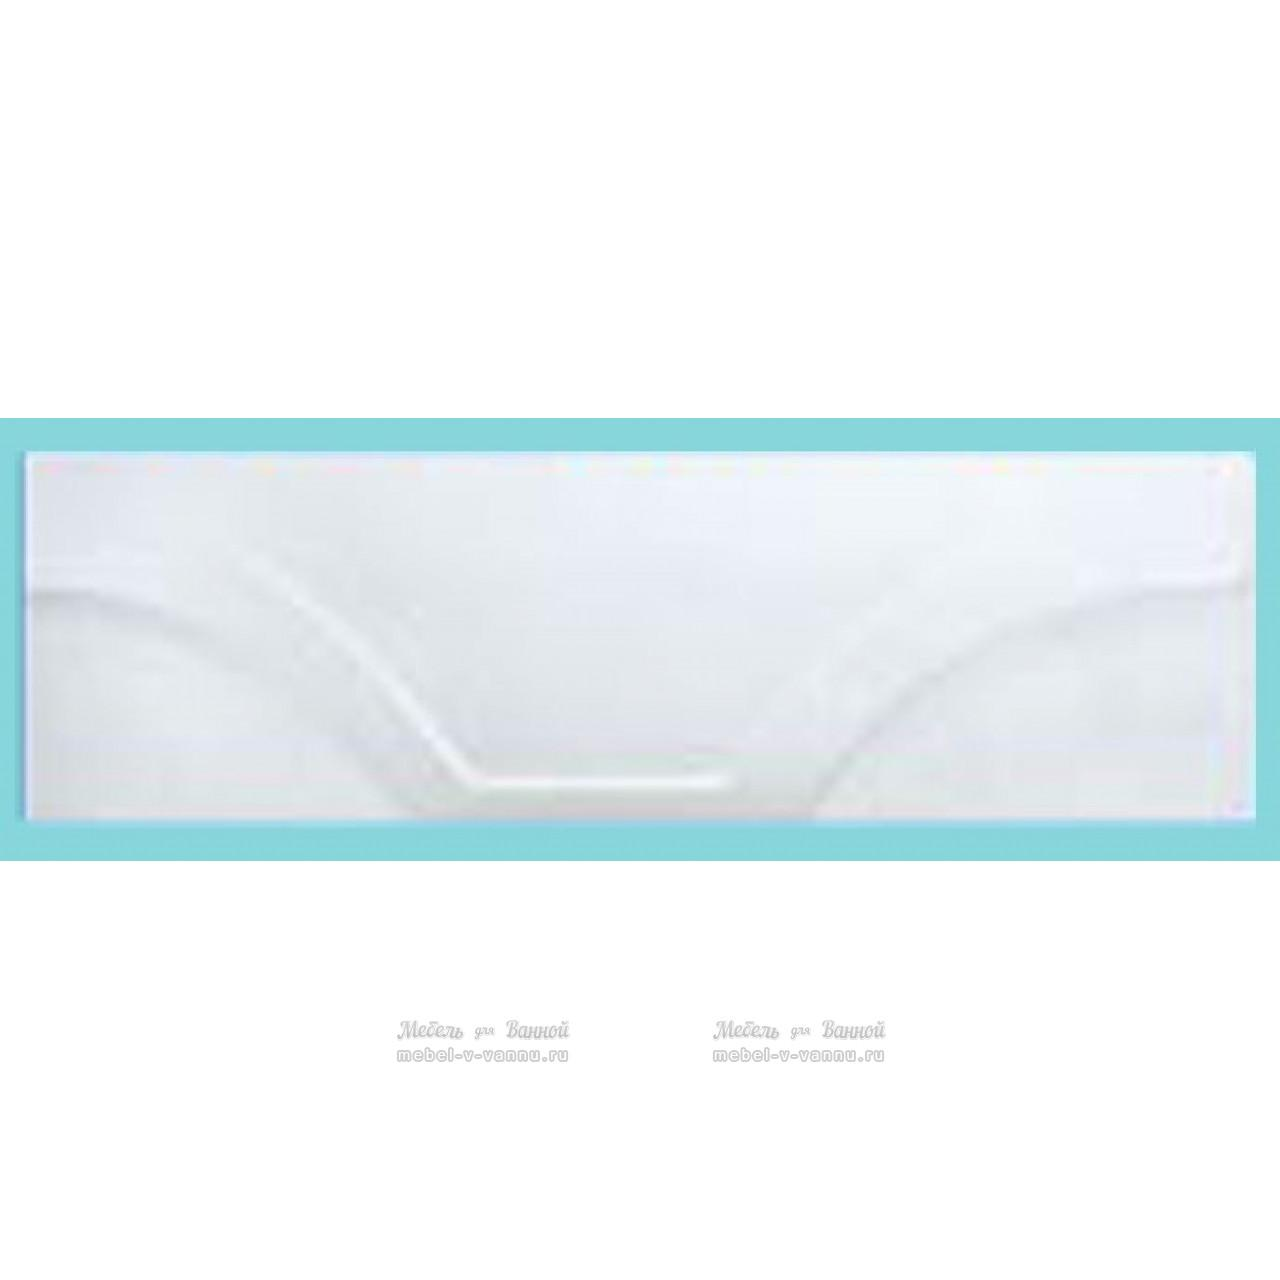 Экран Чайка под прямоугольные ванны Bach купить в Москве по цене от 2800р. в интернет-магазине mebel-v-vannu.ru